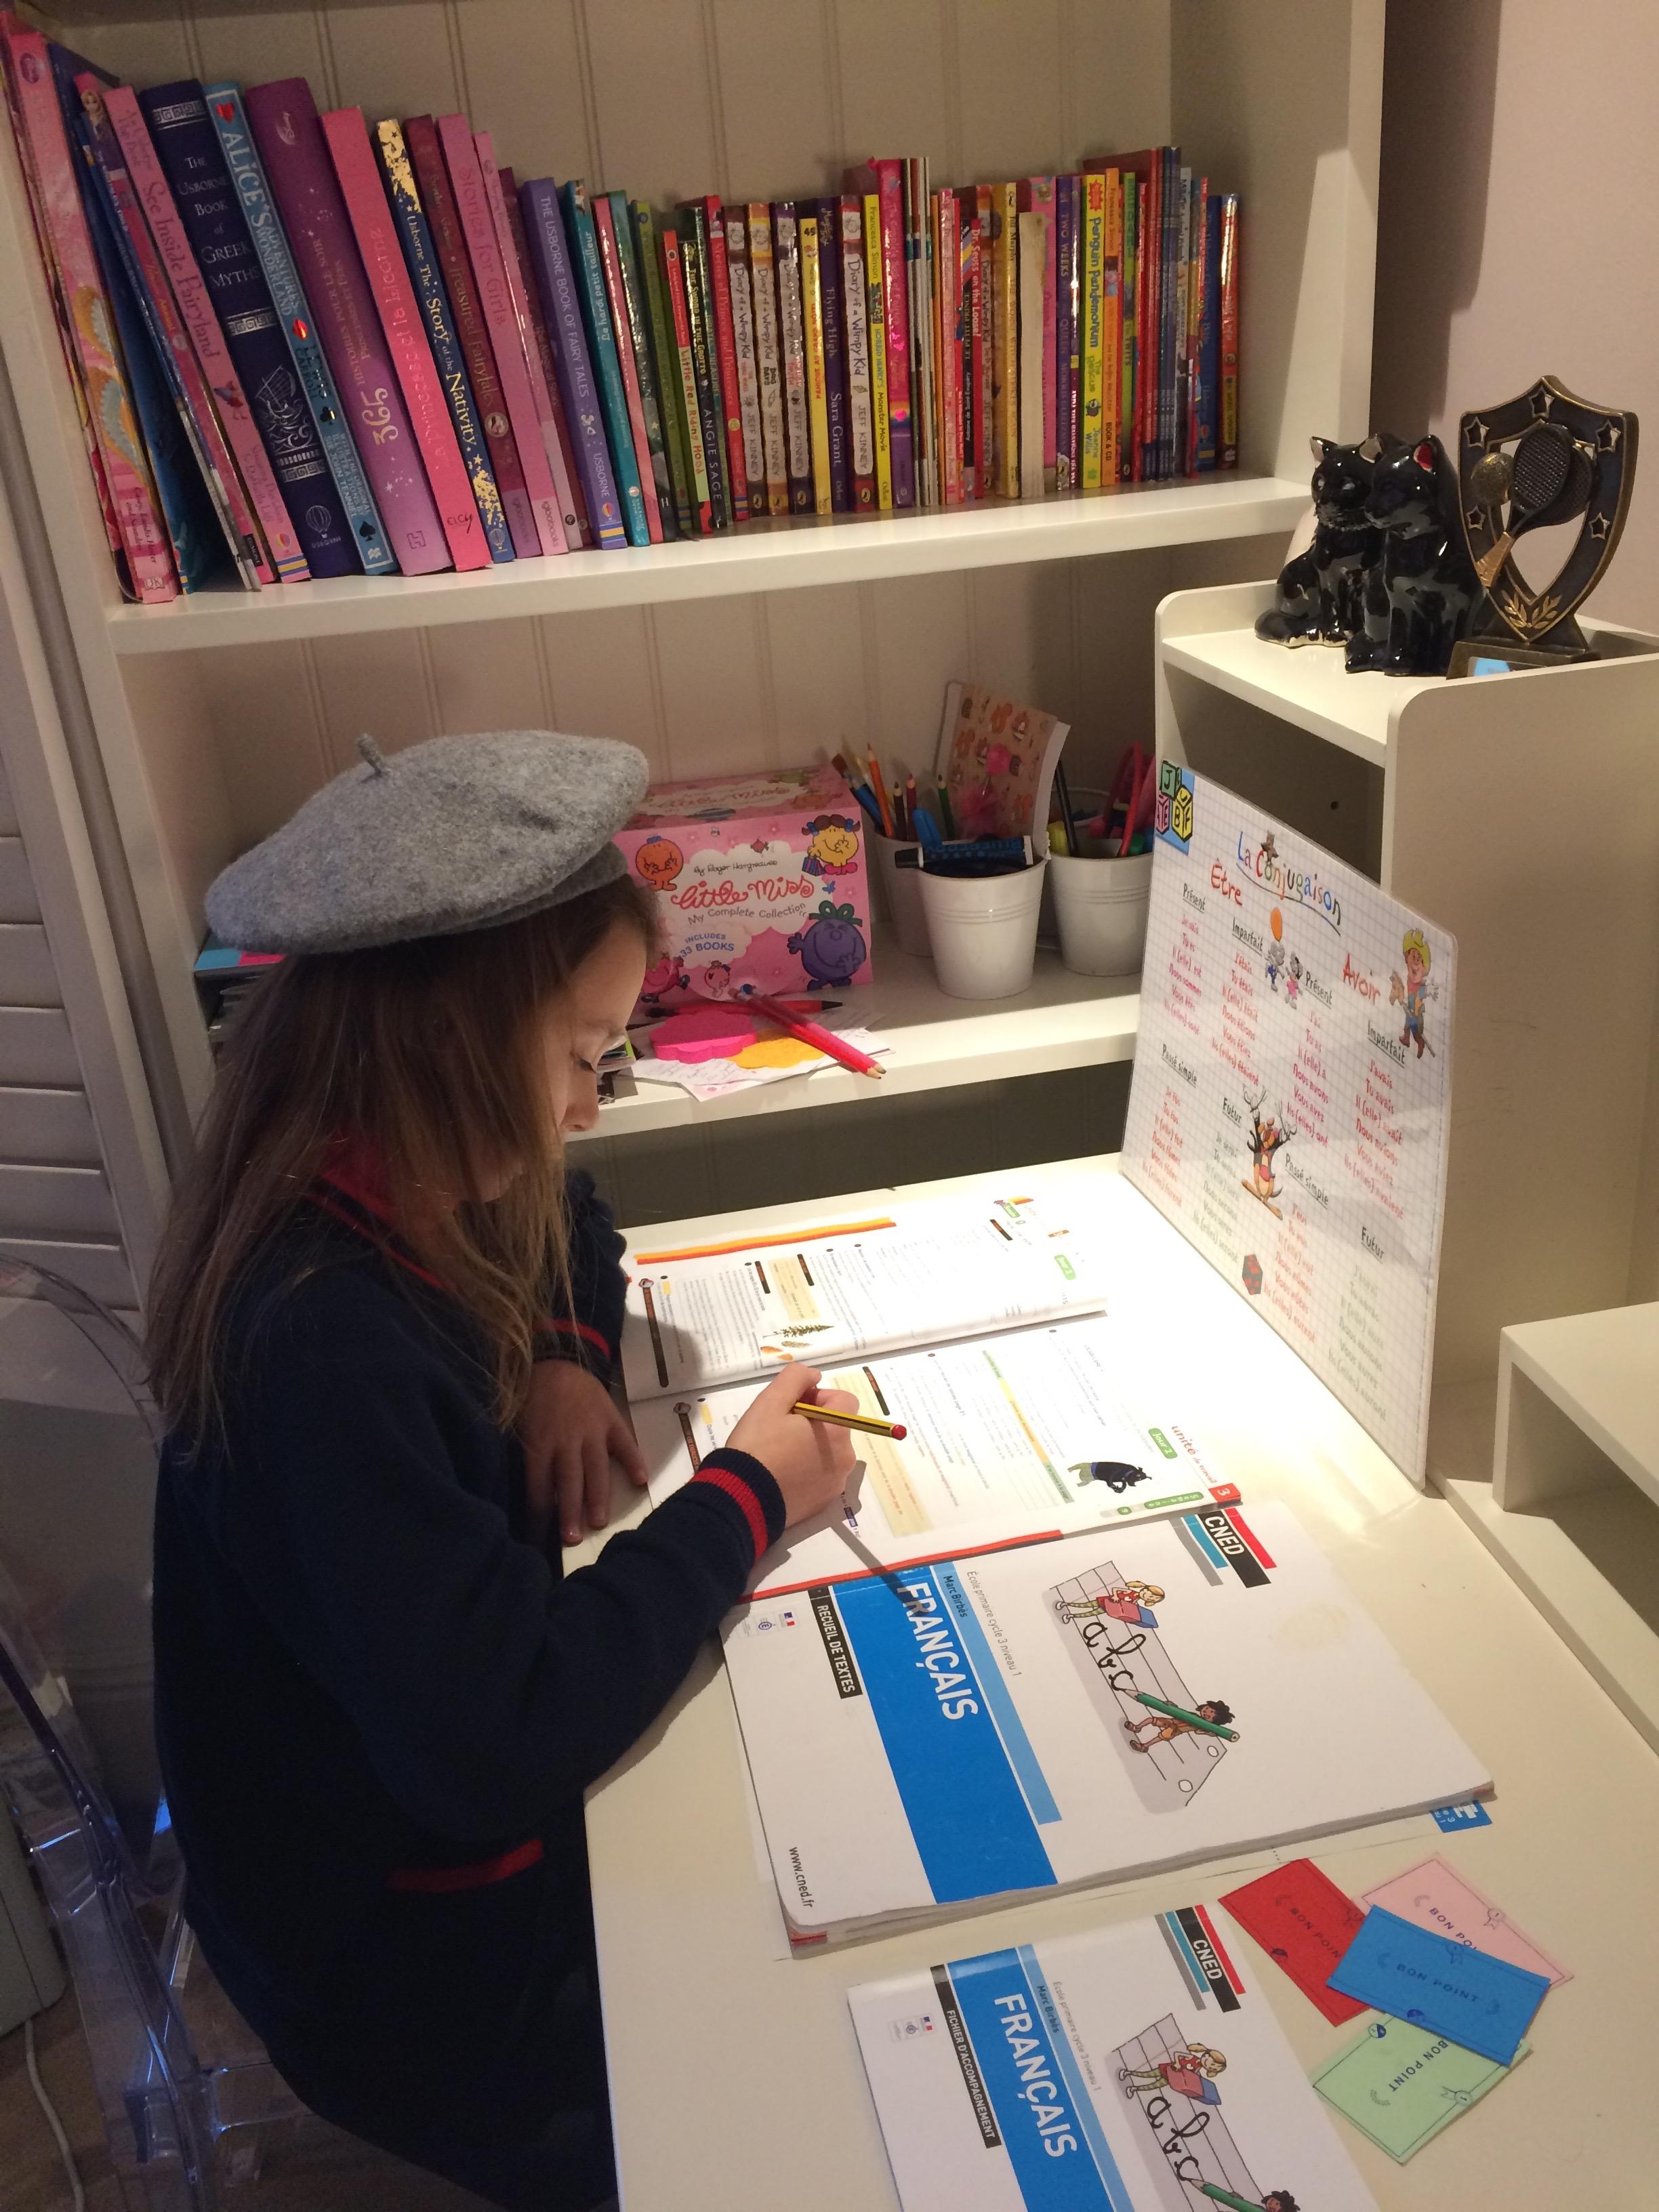 Cned à Londres, enseignement et suivi de qualité pour les enfants scolarisés dans le système anglais.